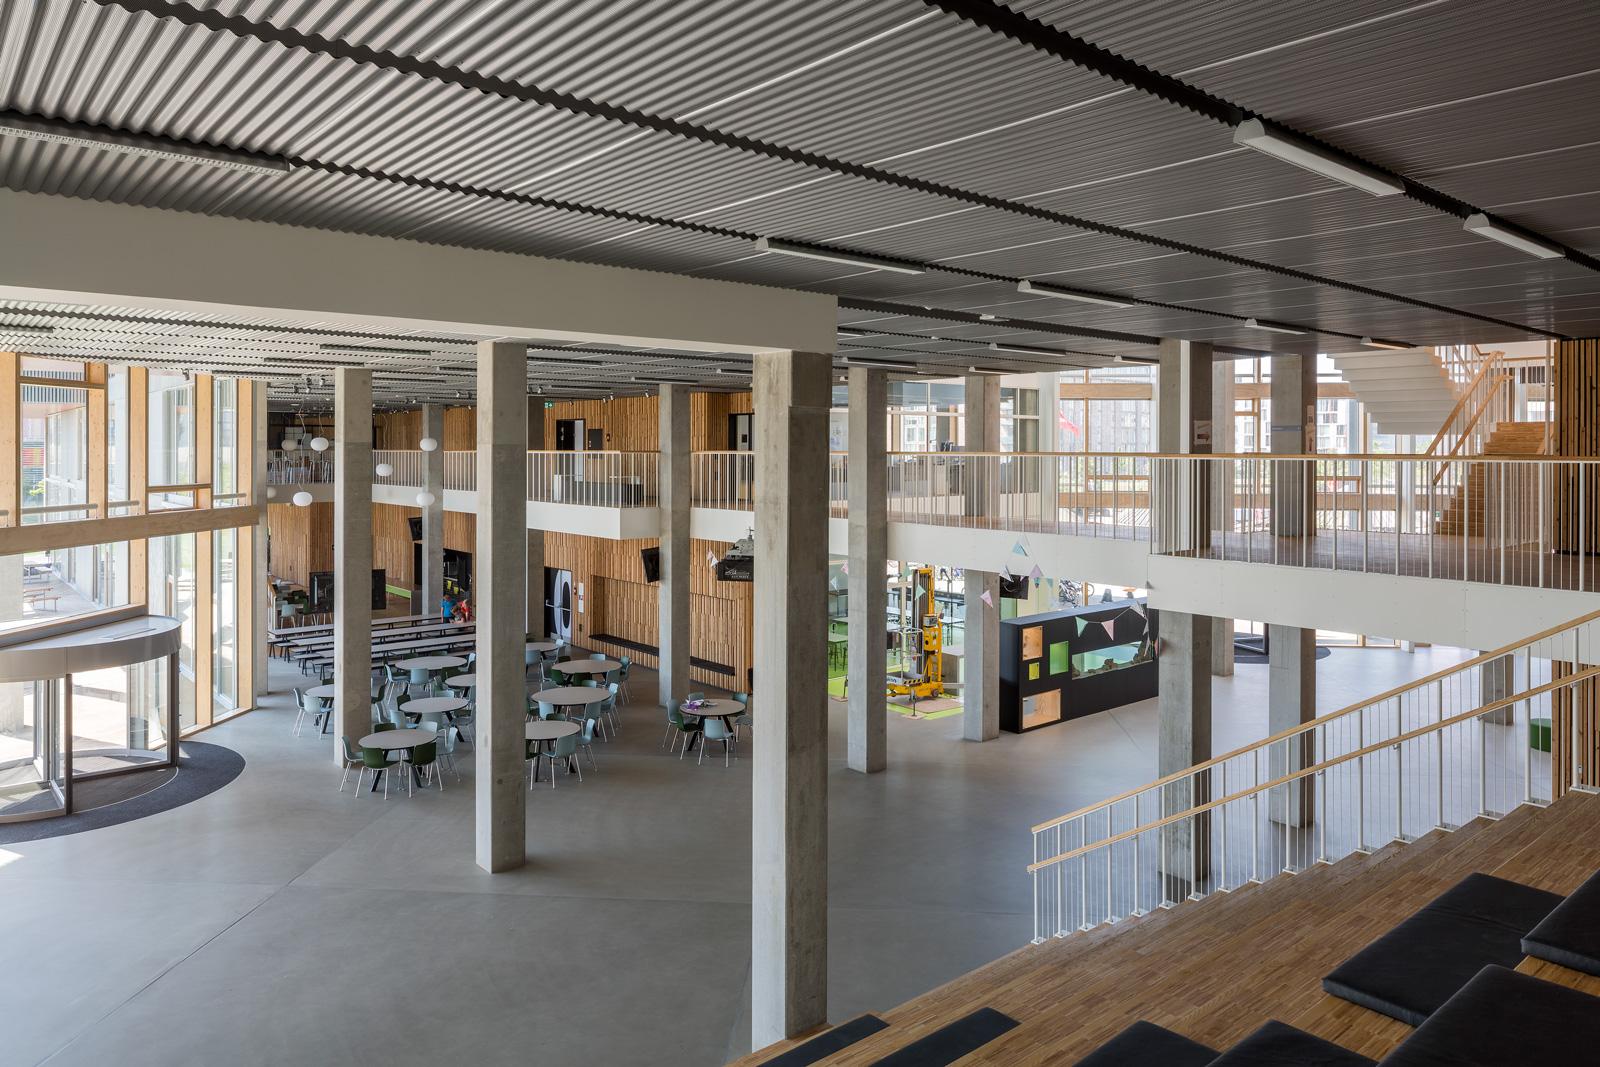 Skolen I Sydhavnen